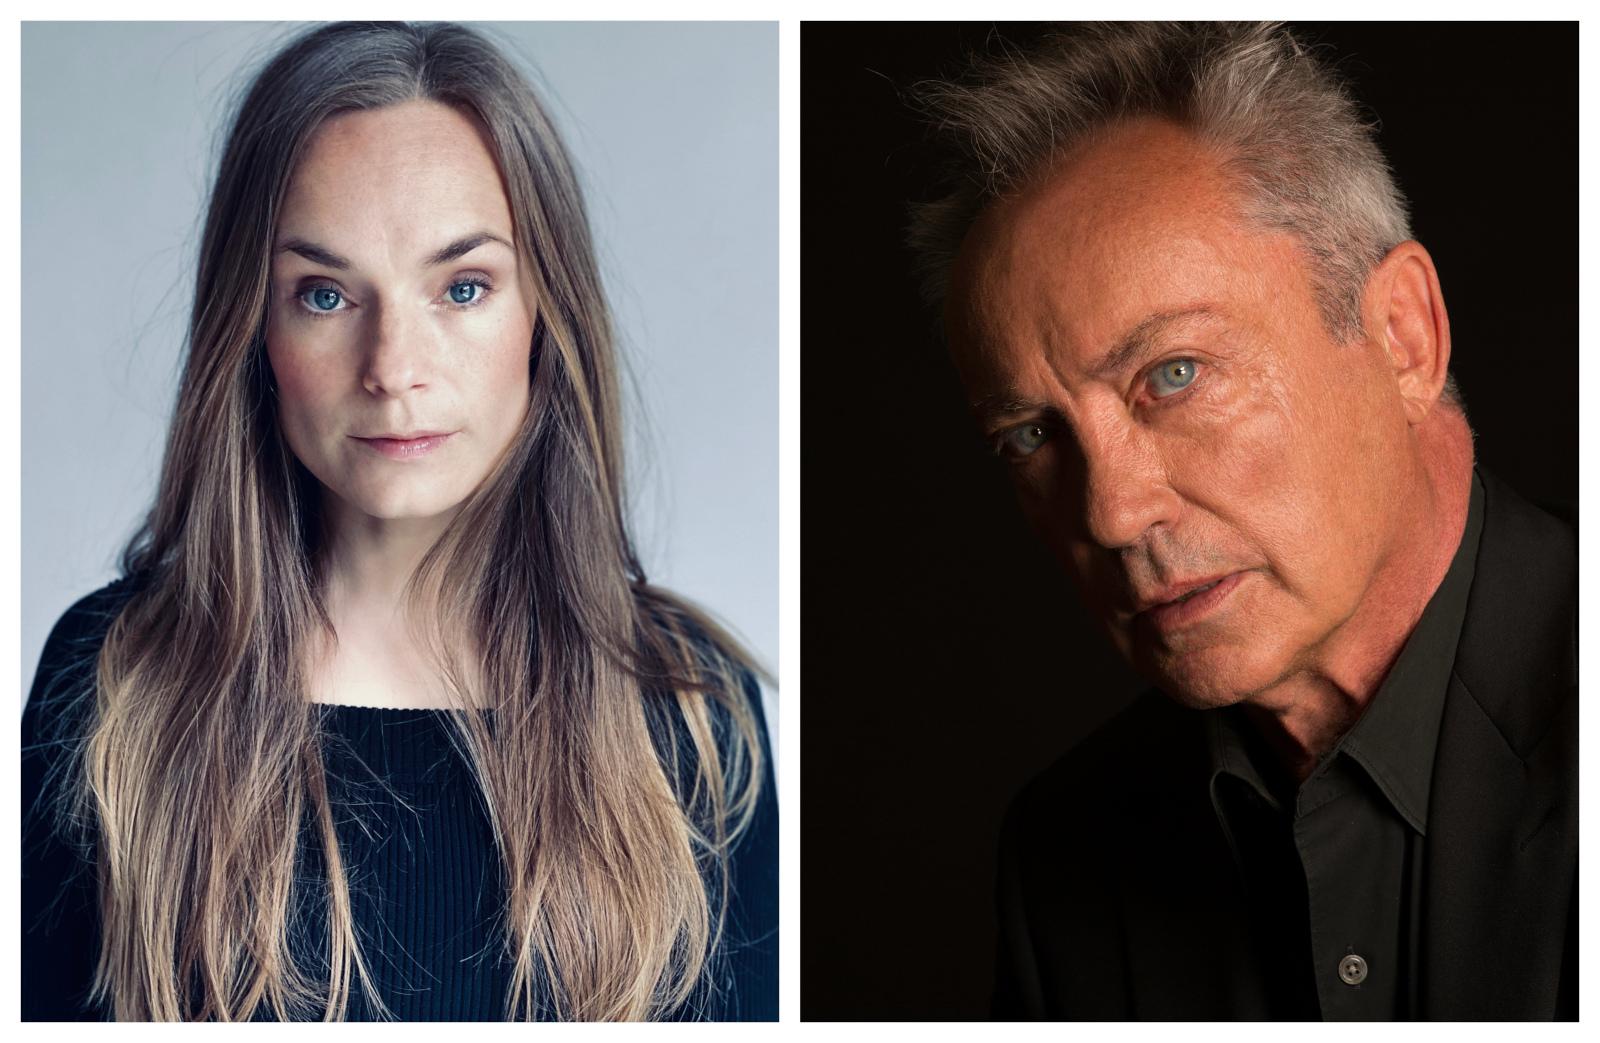 Pressbilder på Laura Christensen och Udo Kier.